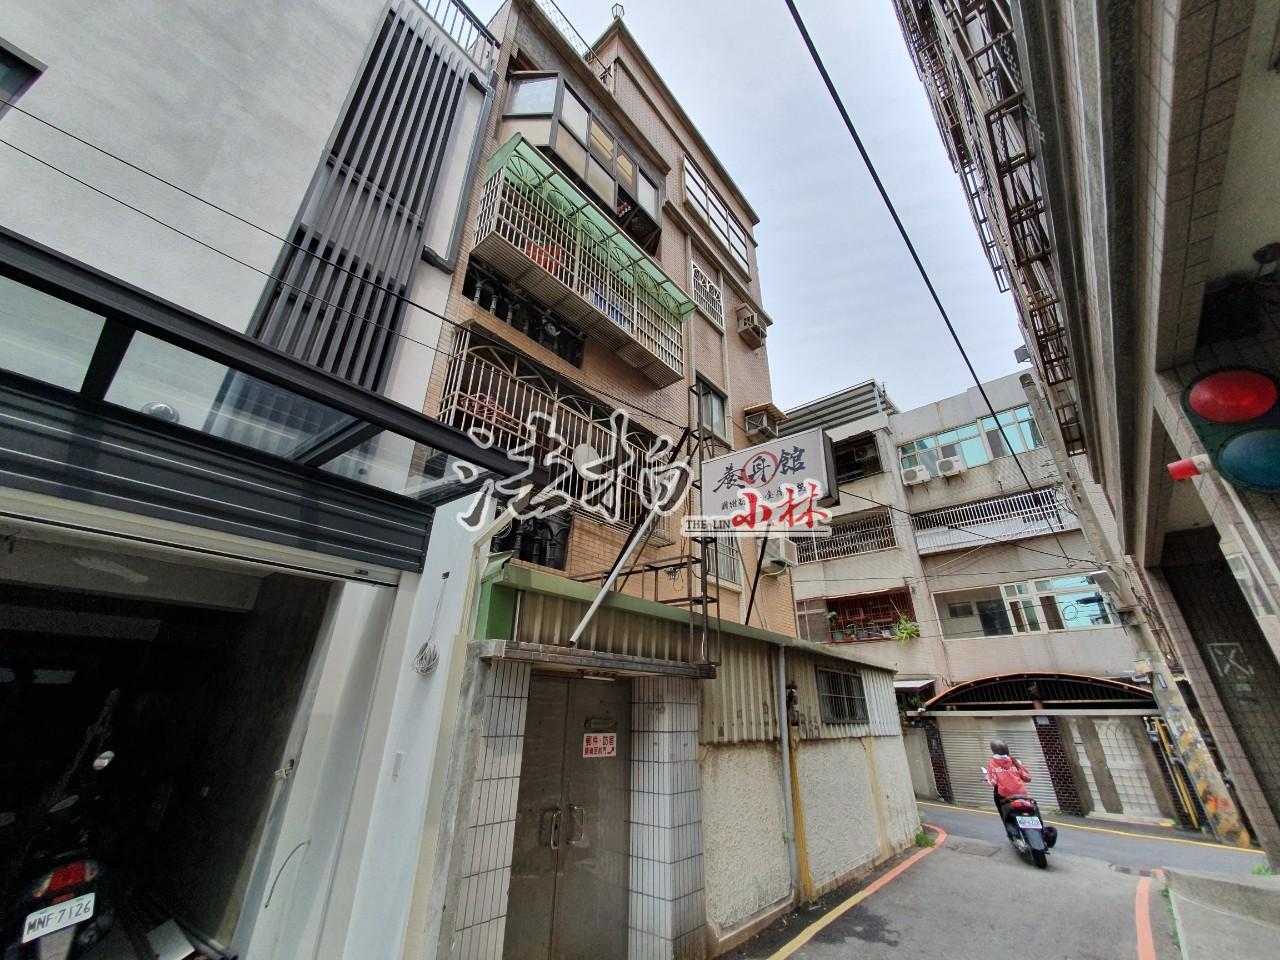 【新竹北區】四維路 邊間1~5樓公寓6套房 – 小林法拍